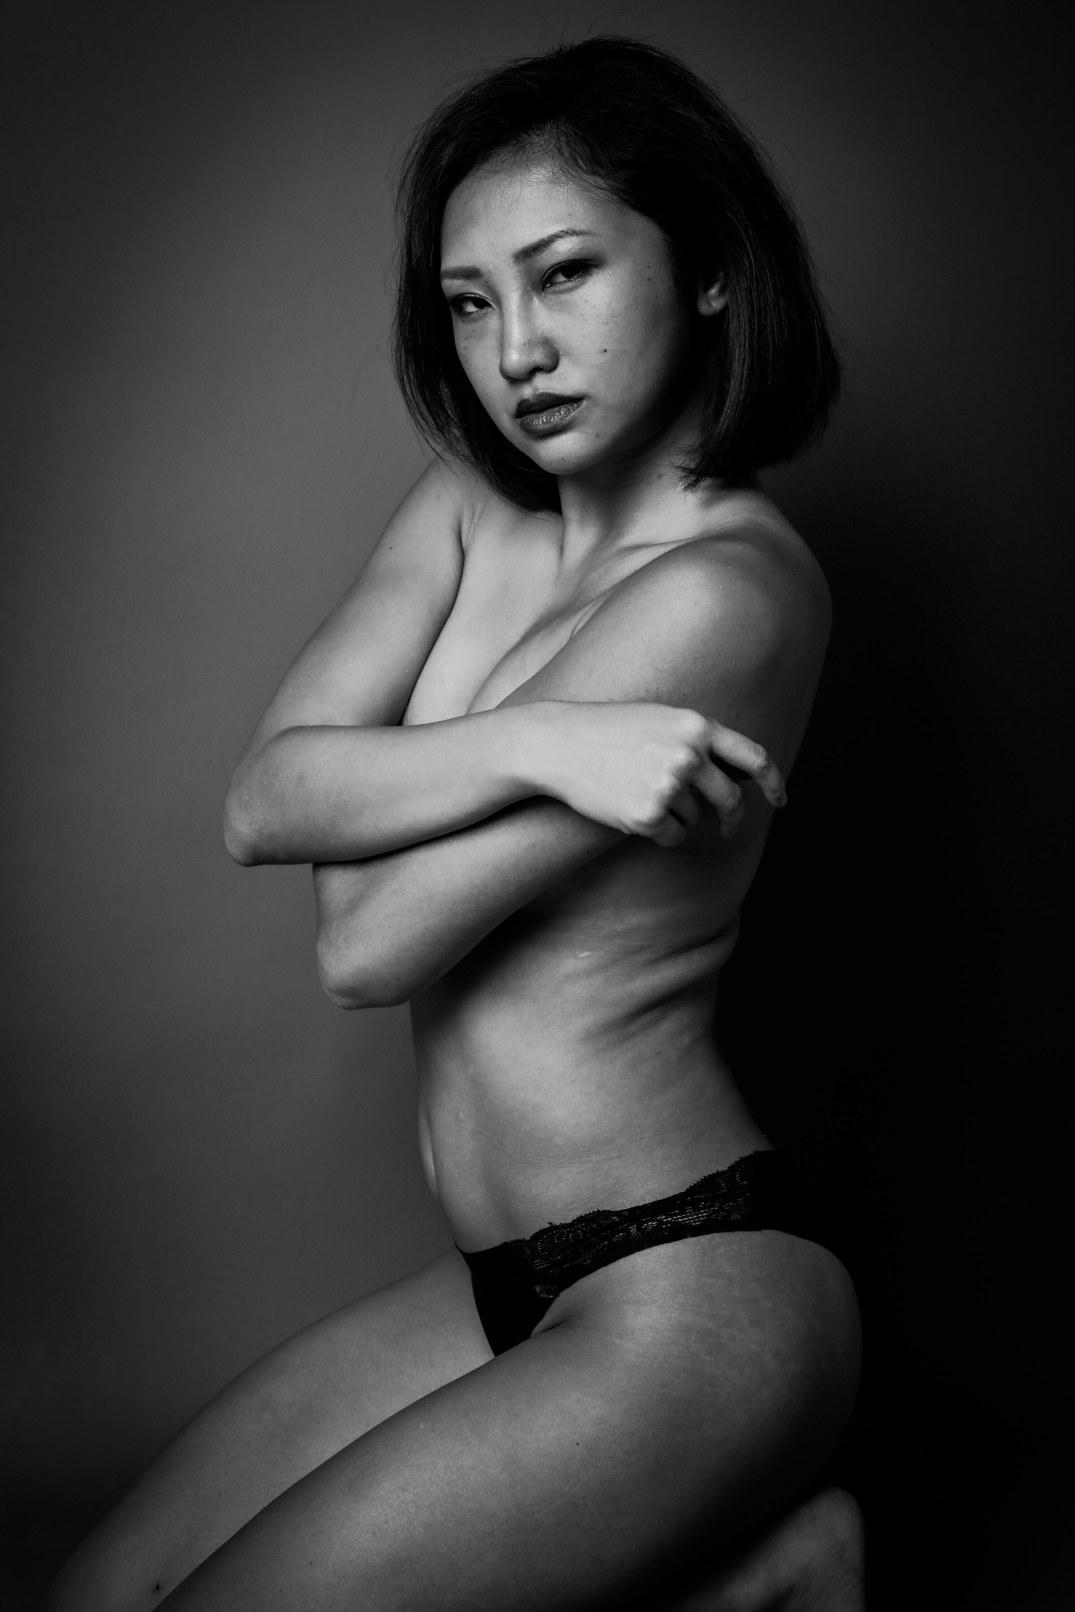 人像攝影_Toby-48